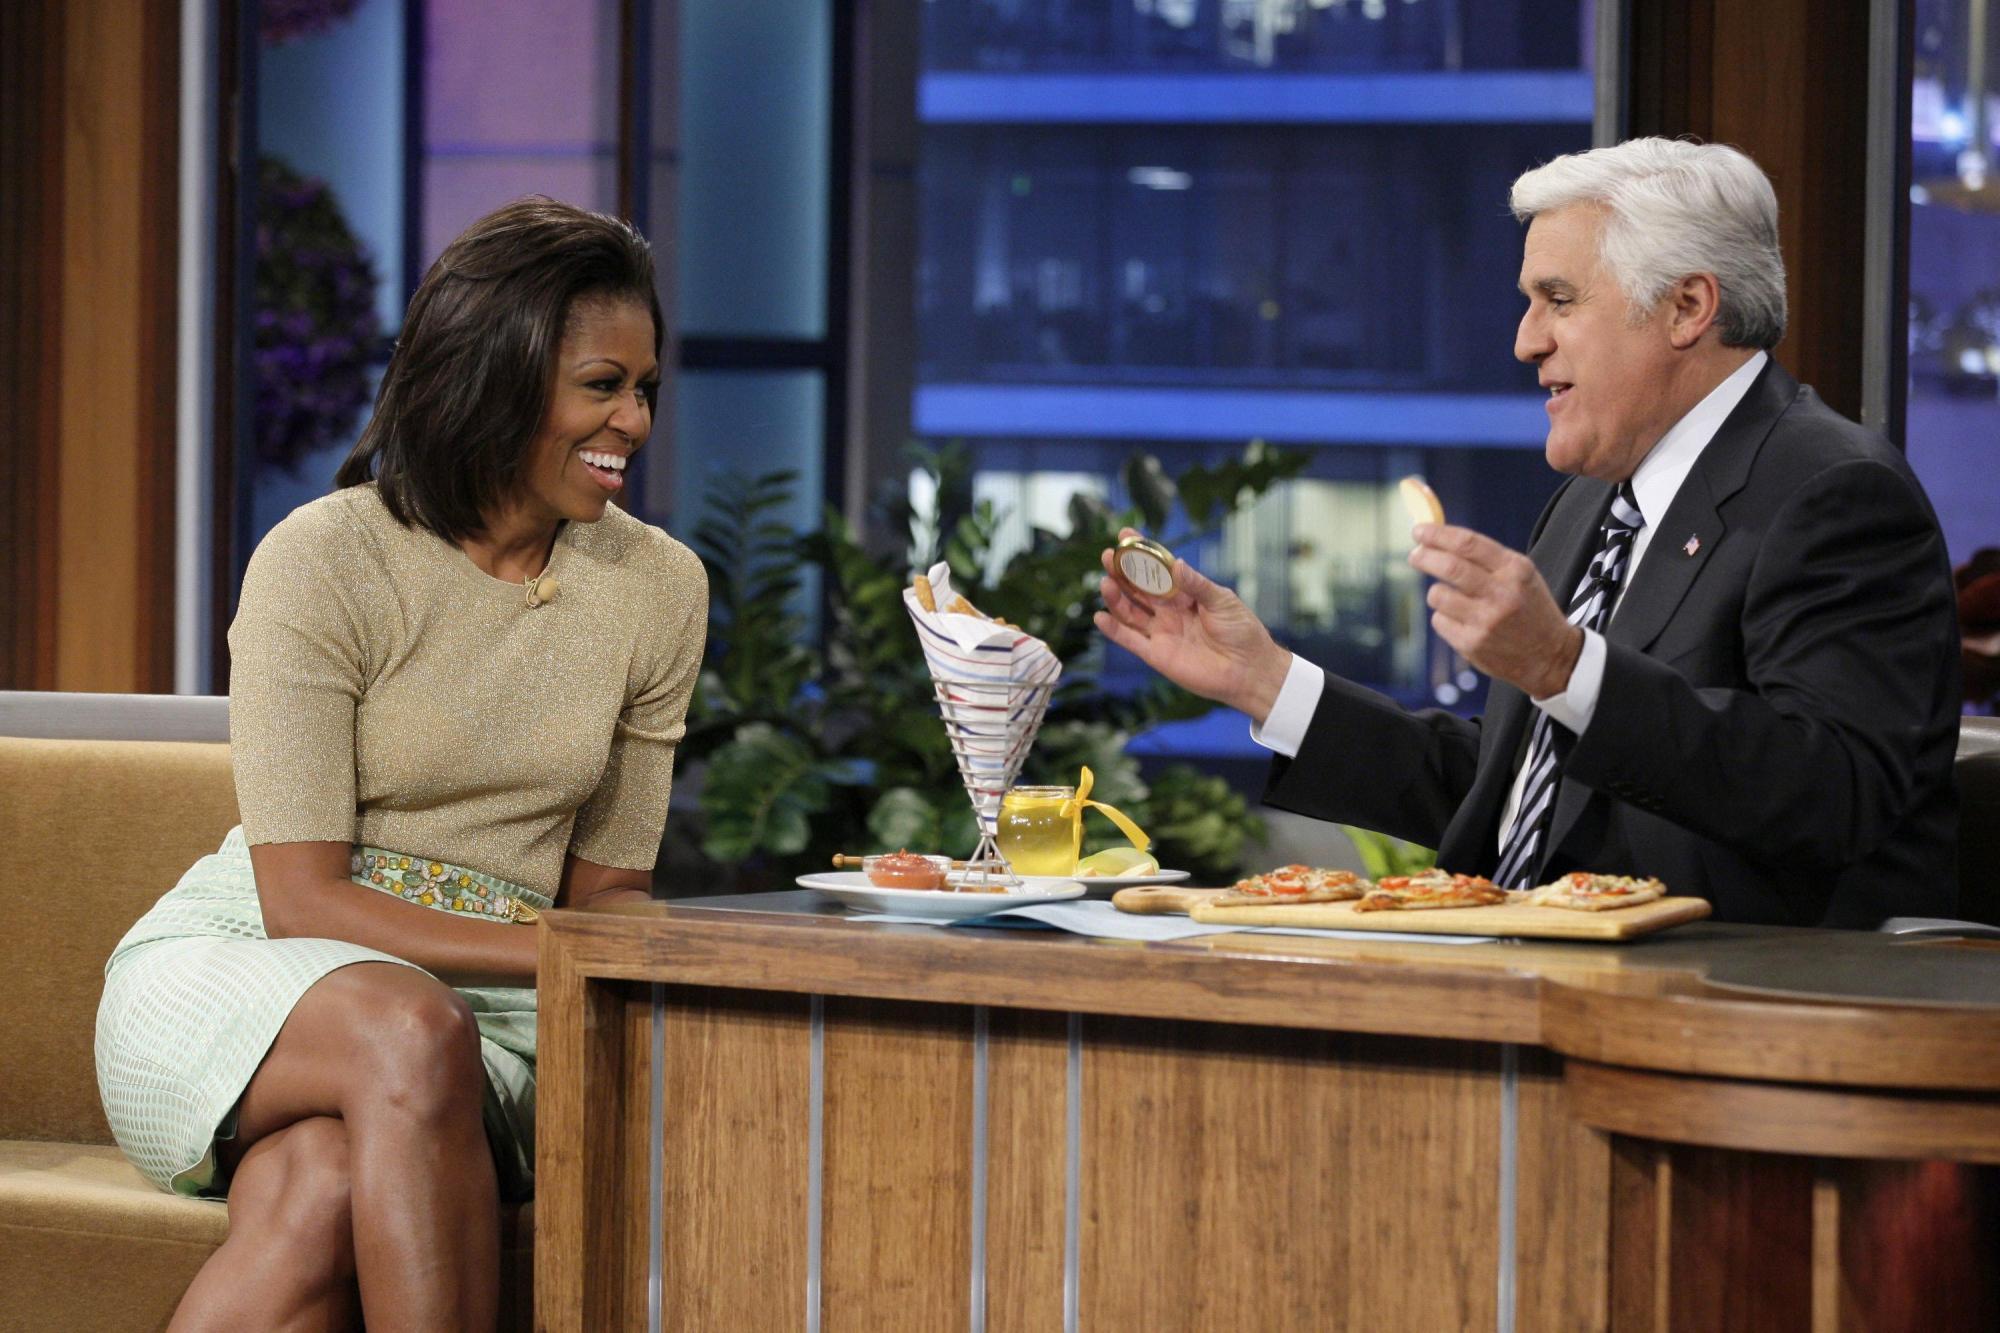 雷诺 米歇尔/米歇尔(左)在节目中成功劝说主持人雷诺吃苹果和蔬菜。